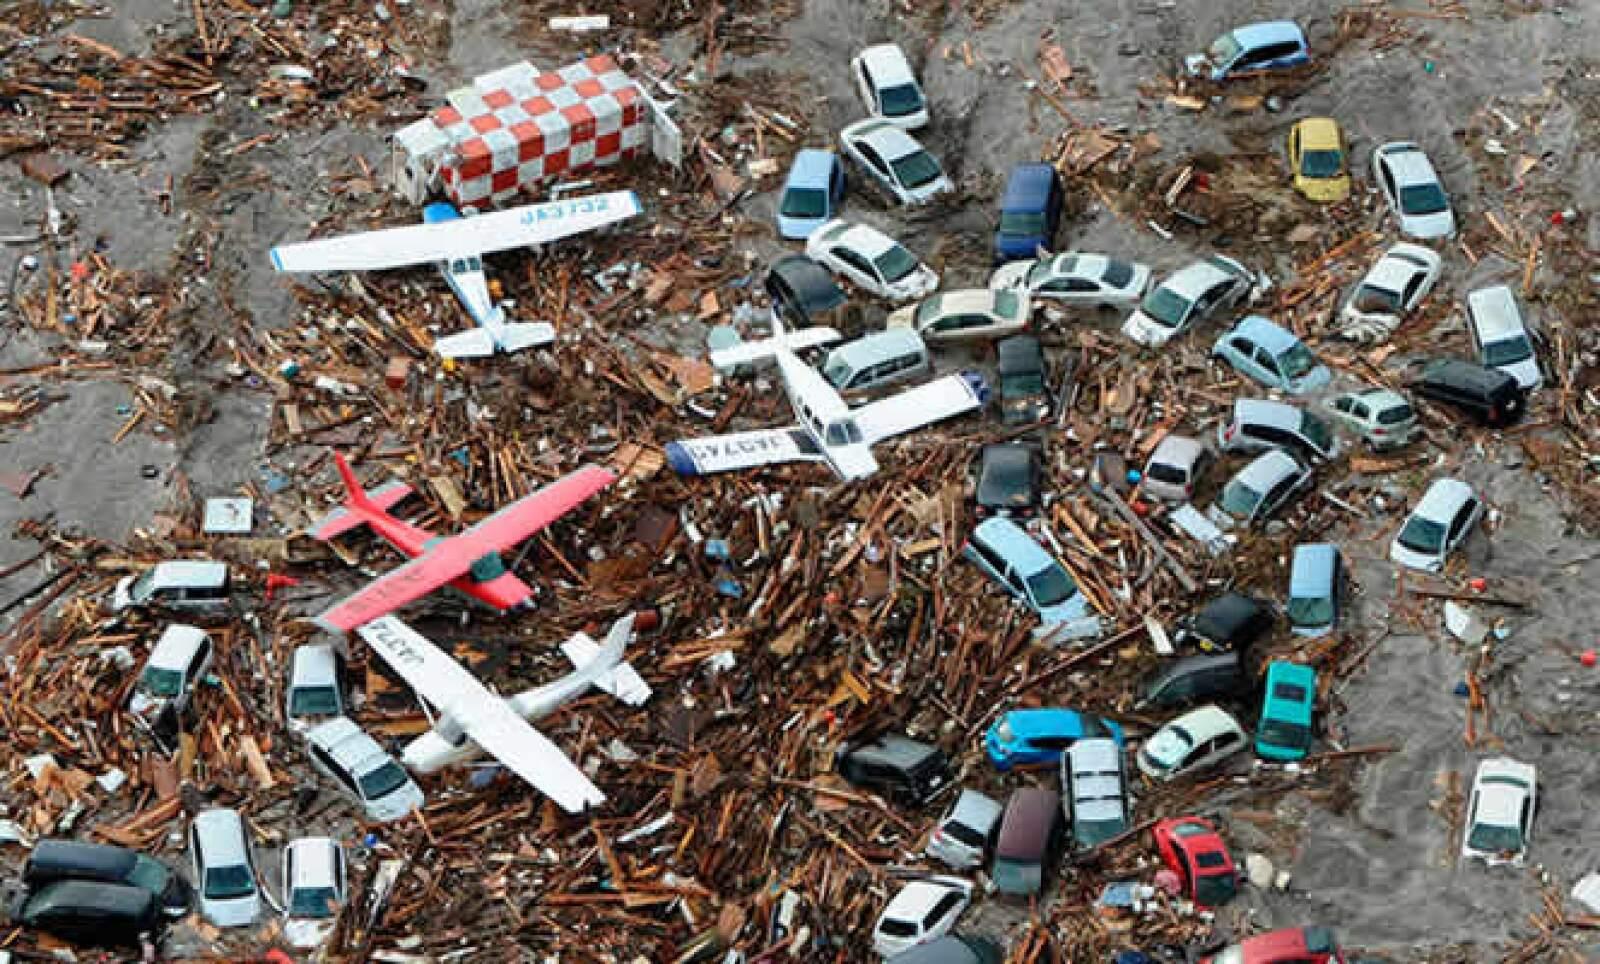 Casas y aviones son llevados por la corriente del tsunami, a pocos kilómetros del aeropuerto de Sendai, al noreste de Japón.